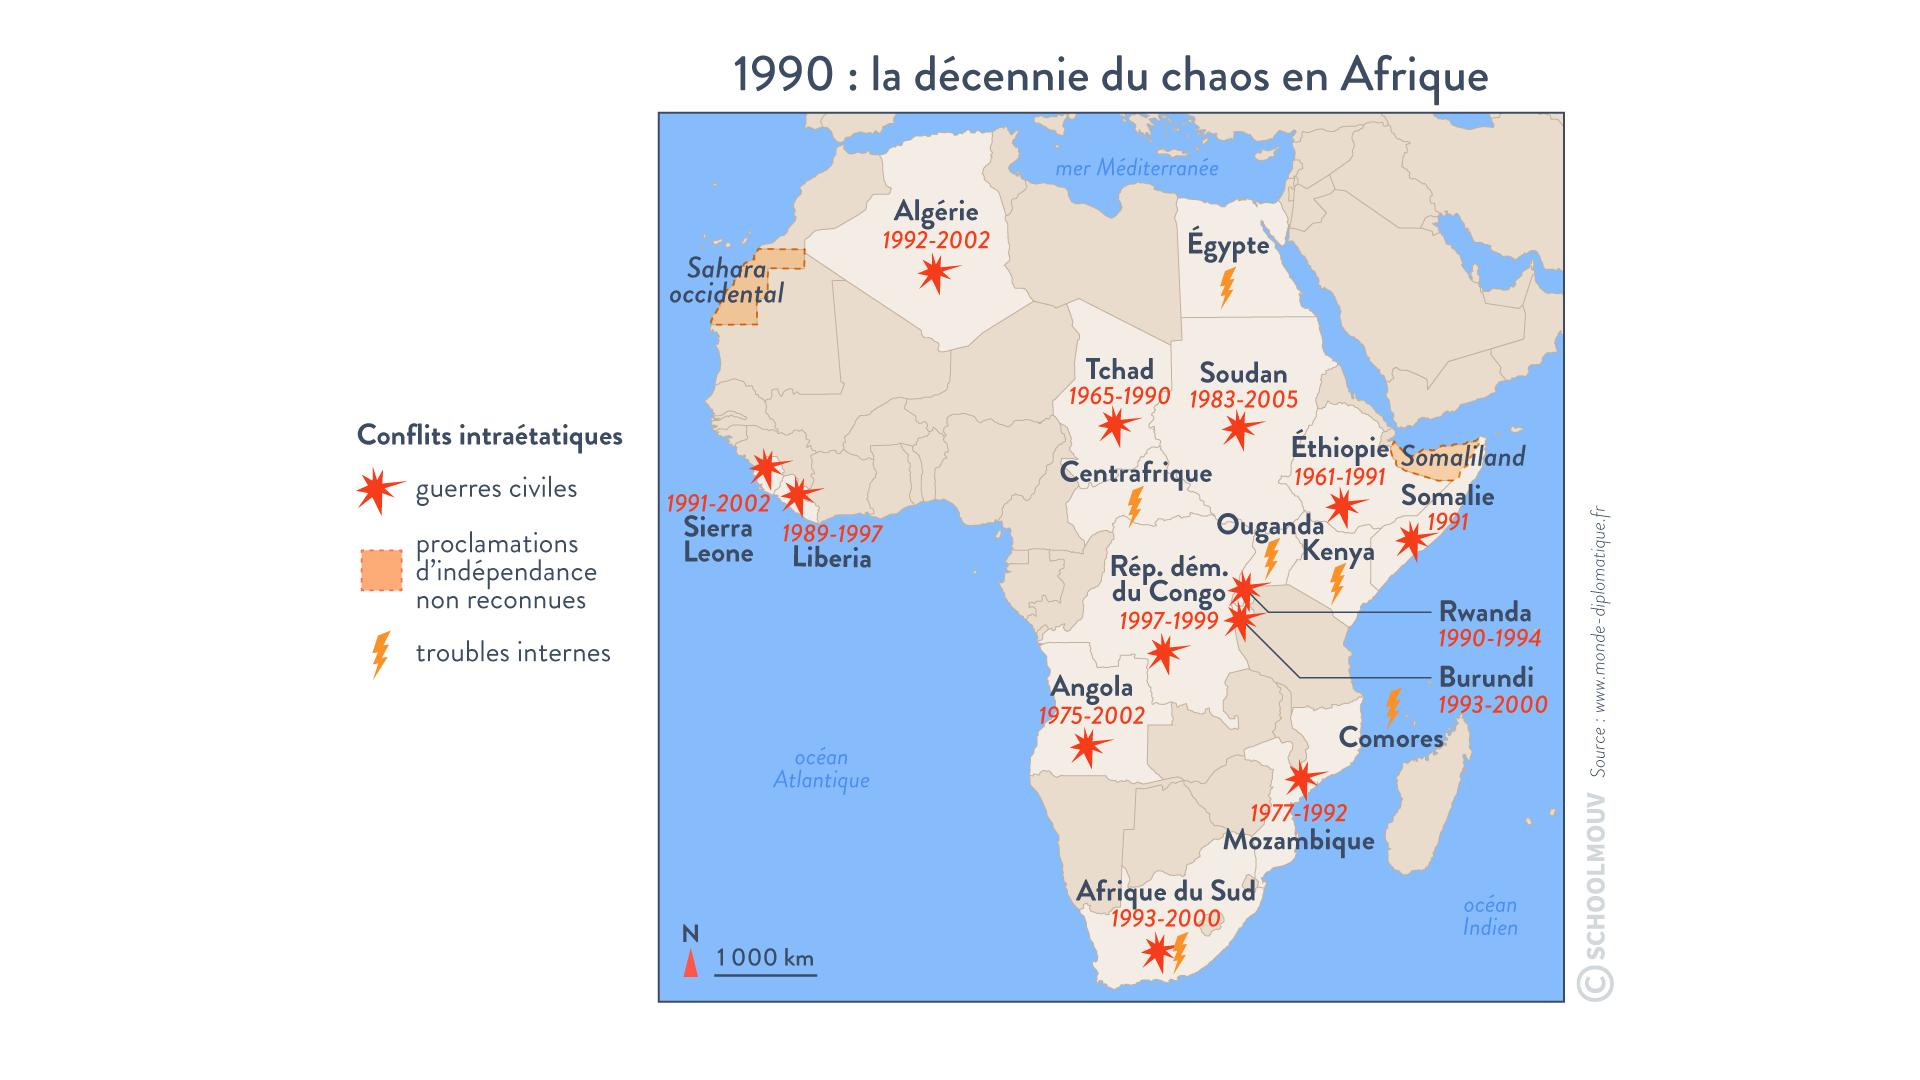 1990 décennie du chaos en Afrique conflits intraétatiques guerres civiles troubles internes terminale histoire géographie géopolitique et sciences politiques